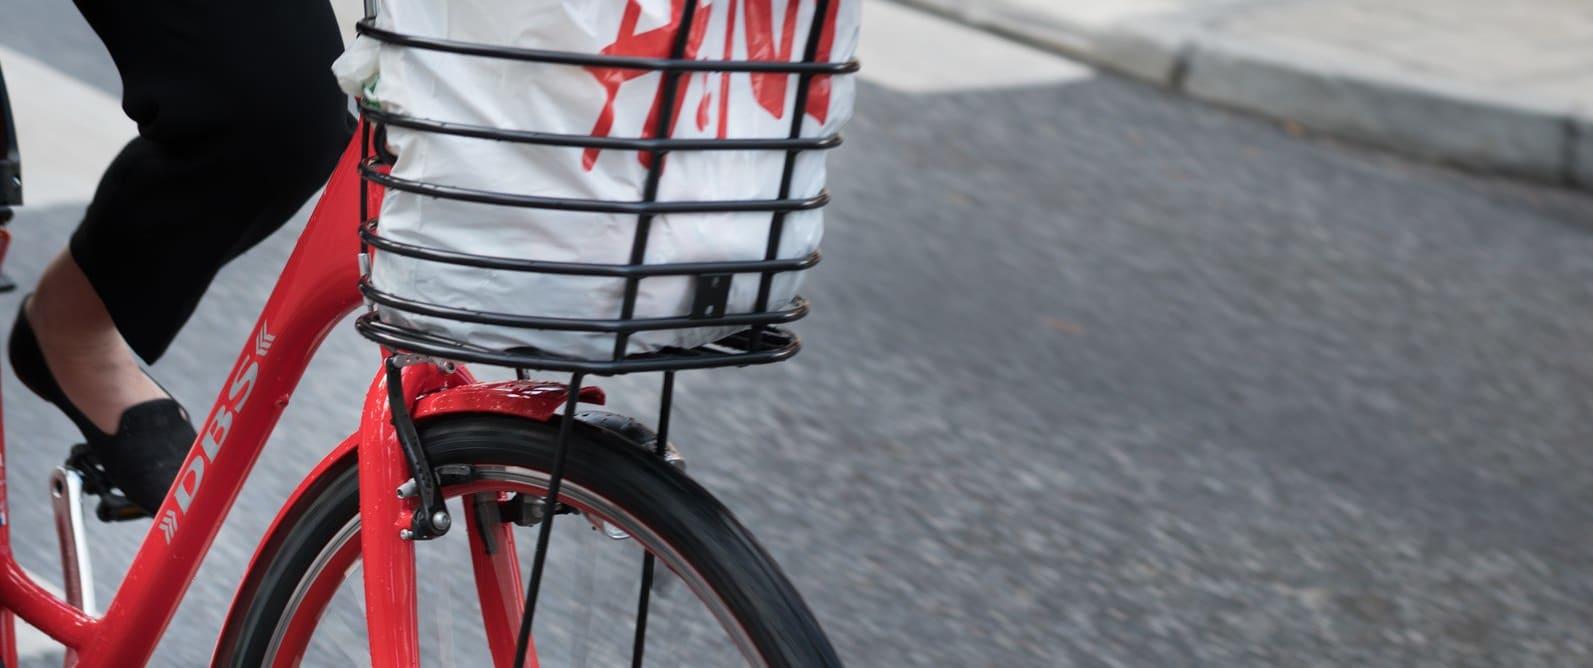 En liten sykkeltur unna får du shoppet i kjente butikker